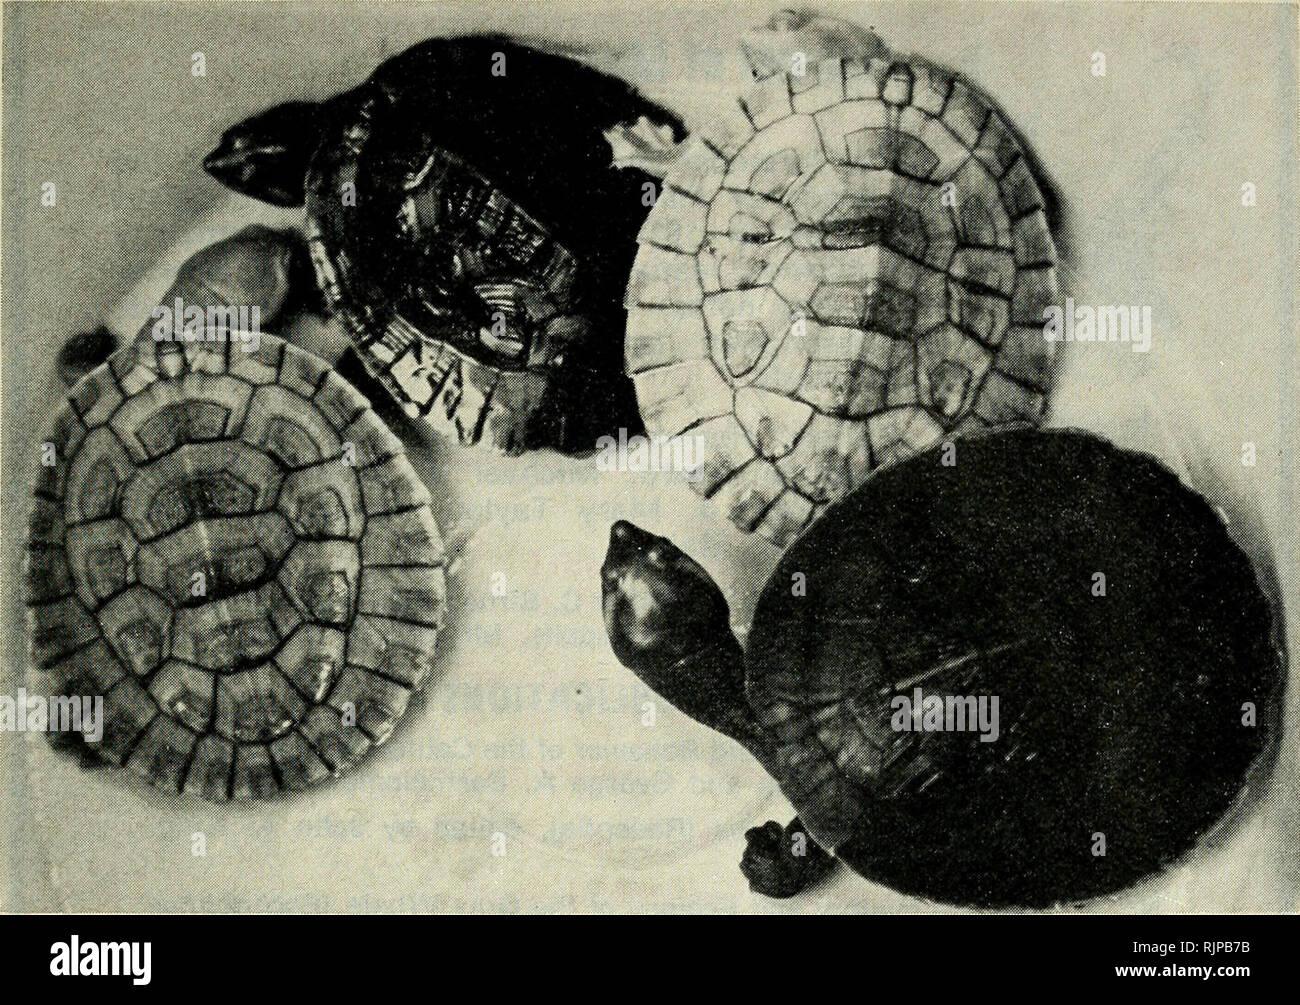 . El zoólogo australiano. Zoología; Zoología; Zoología. Los efectos del medio ambiente sobre la pigmentación de la tortuga. Fig. 1. Los jóvenes Emydura krefftii Criado durante seis meses en un contenedor de pisos de color blanco (Nos. I y 3 de la izquierda) y un negro pisos contenedor (Nos. 2 y 4). Asumir la coloración críptica coherente con un determinado sustrato tiene ventajas evidentes para las tortugas, aumentando la probabilidad de que un individuo evitando la depredación y permitir una explotación efectiva de una amplia gama de hábitat por la especie. En vista de su valor de supervivencia, por lo que no es sorprendente encontrar que la pigmentación de juven Foto de stock